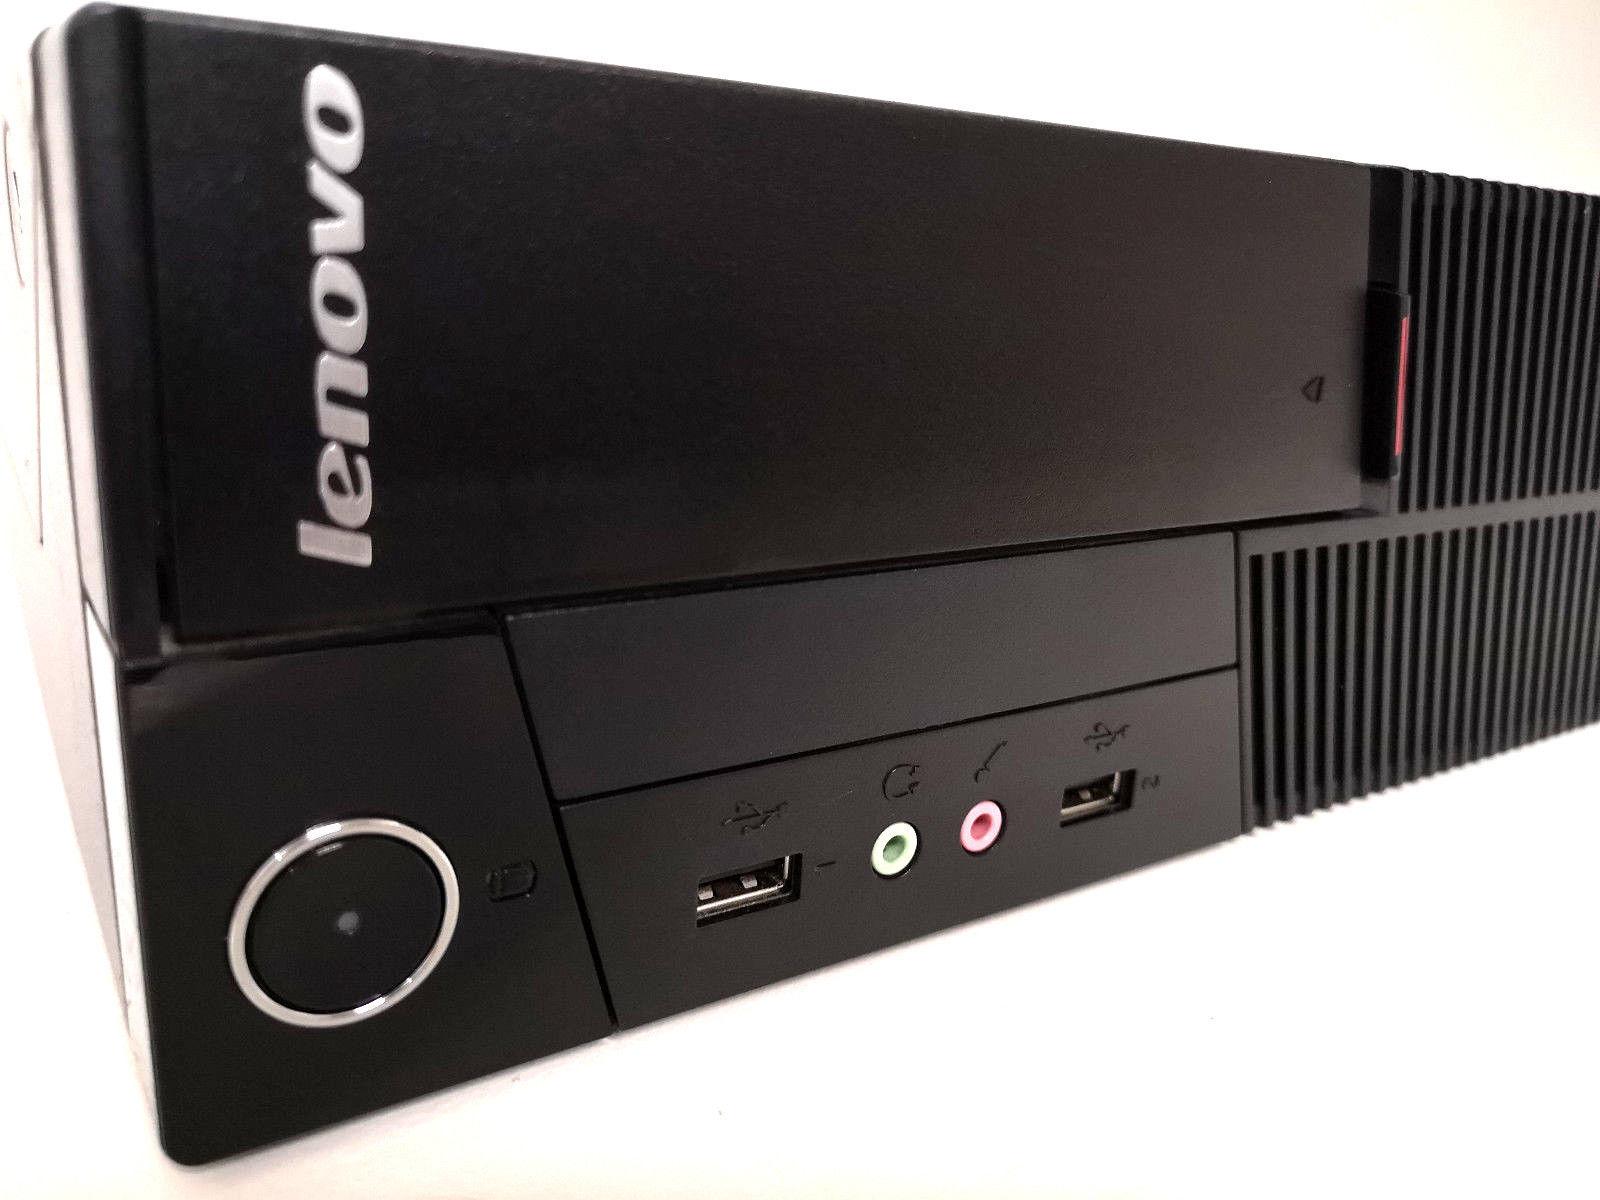 Lenovo ThinkCentre 7522-7UG No 4